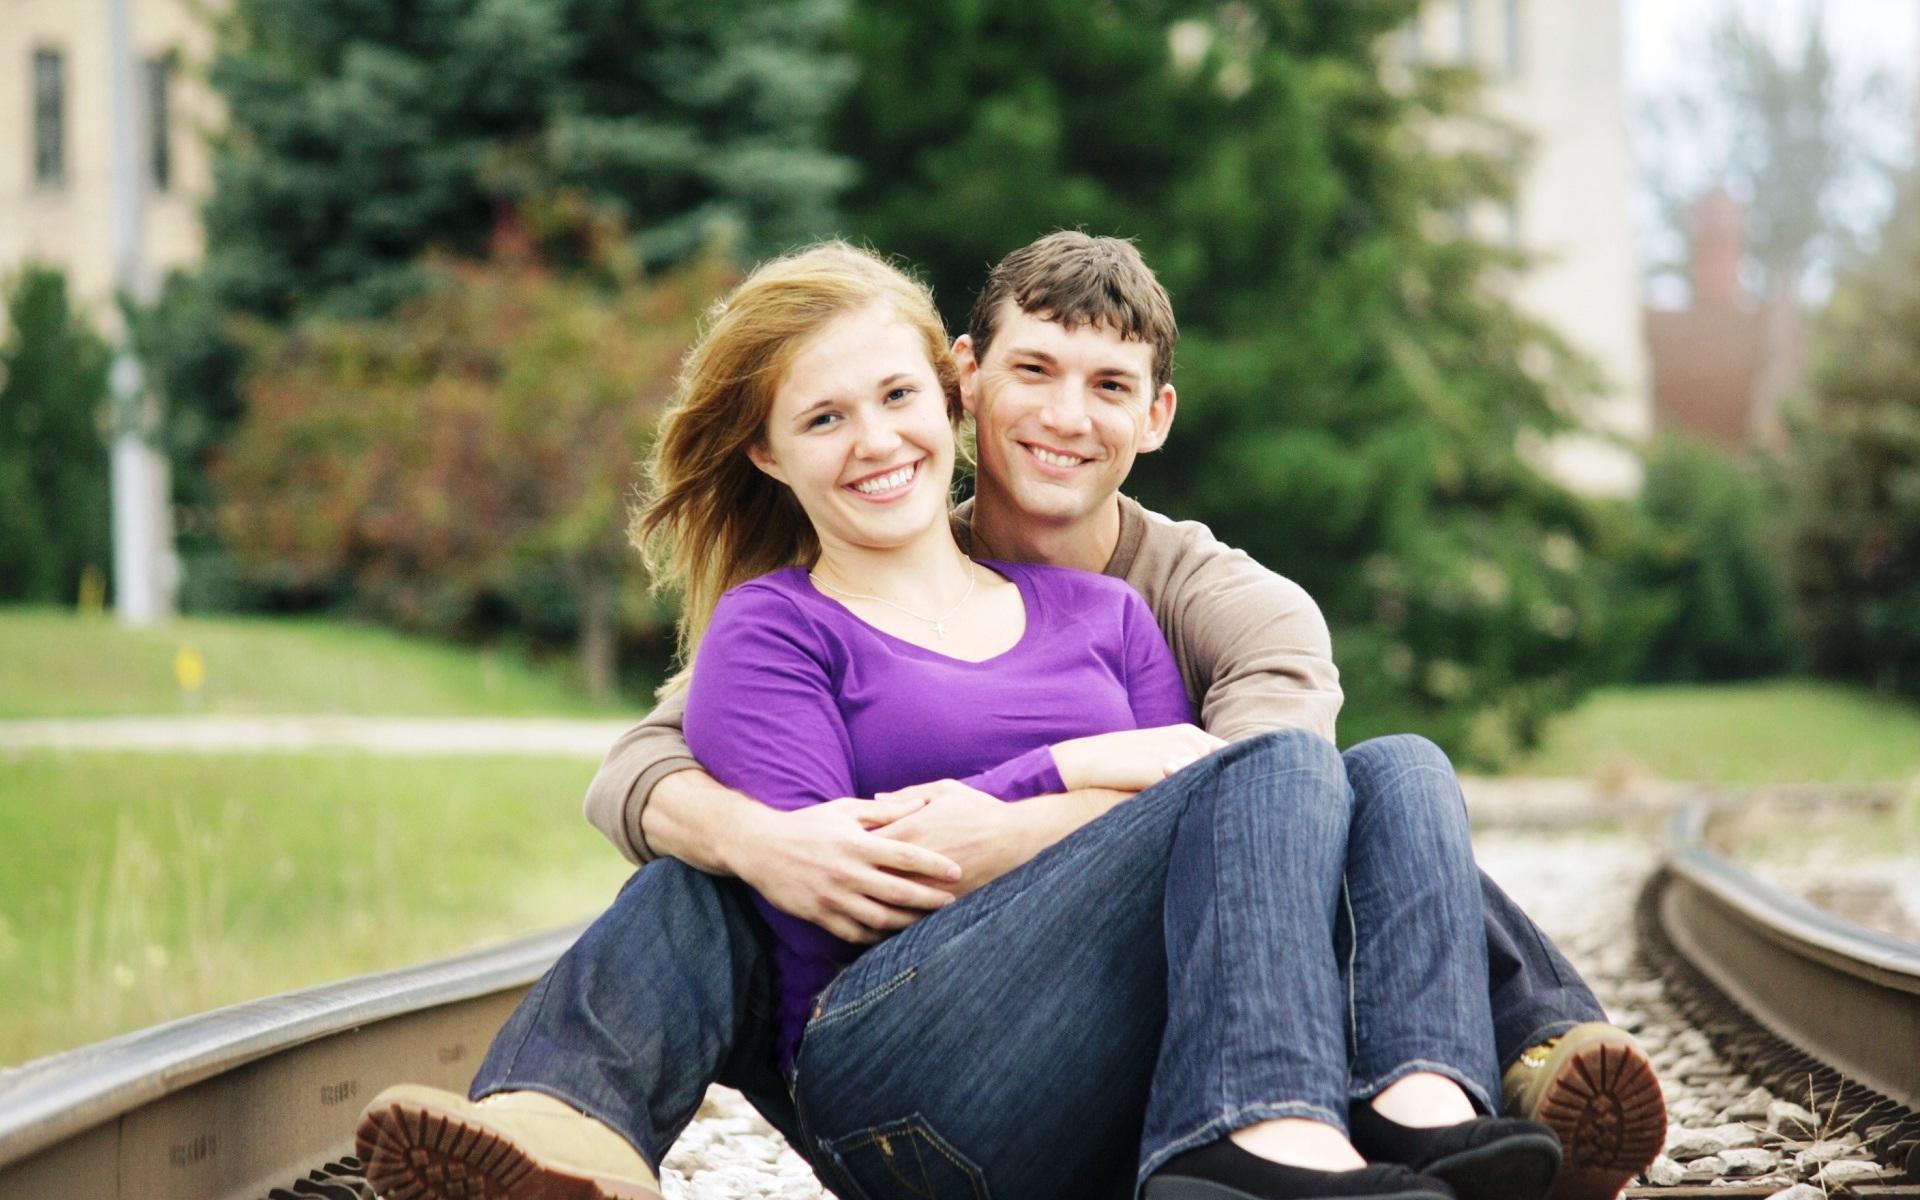 صور صور عناق رومانسية صور احضان رومانسية خلفيات احضان جديدة , خلفيات حب وغرام